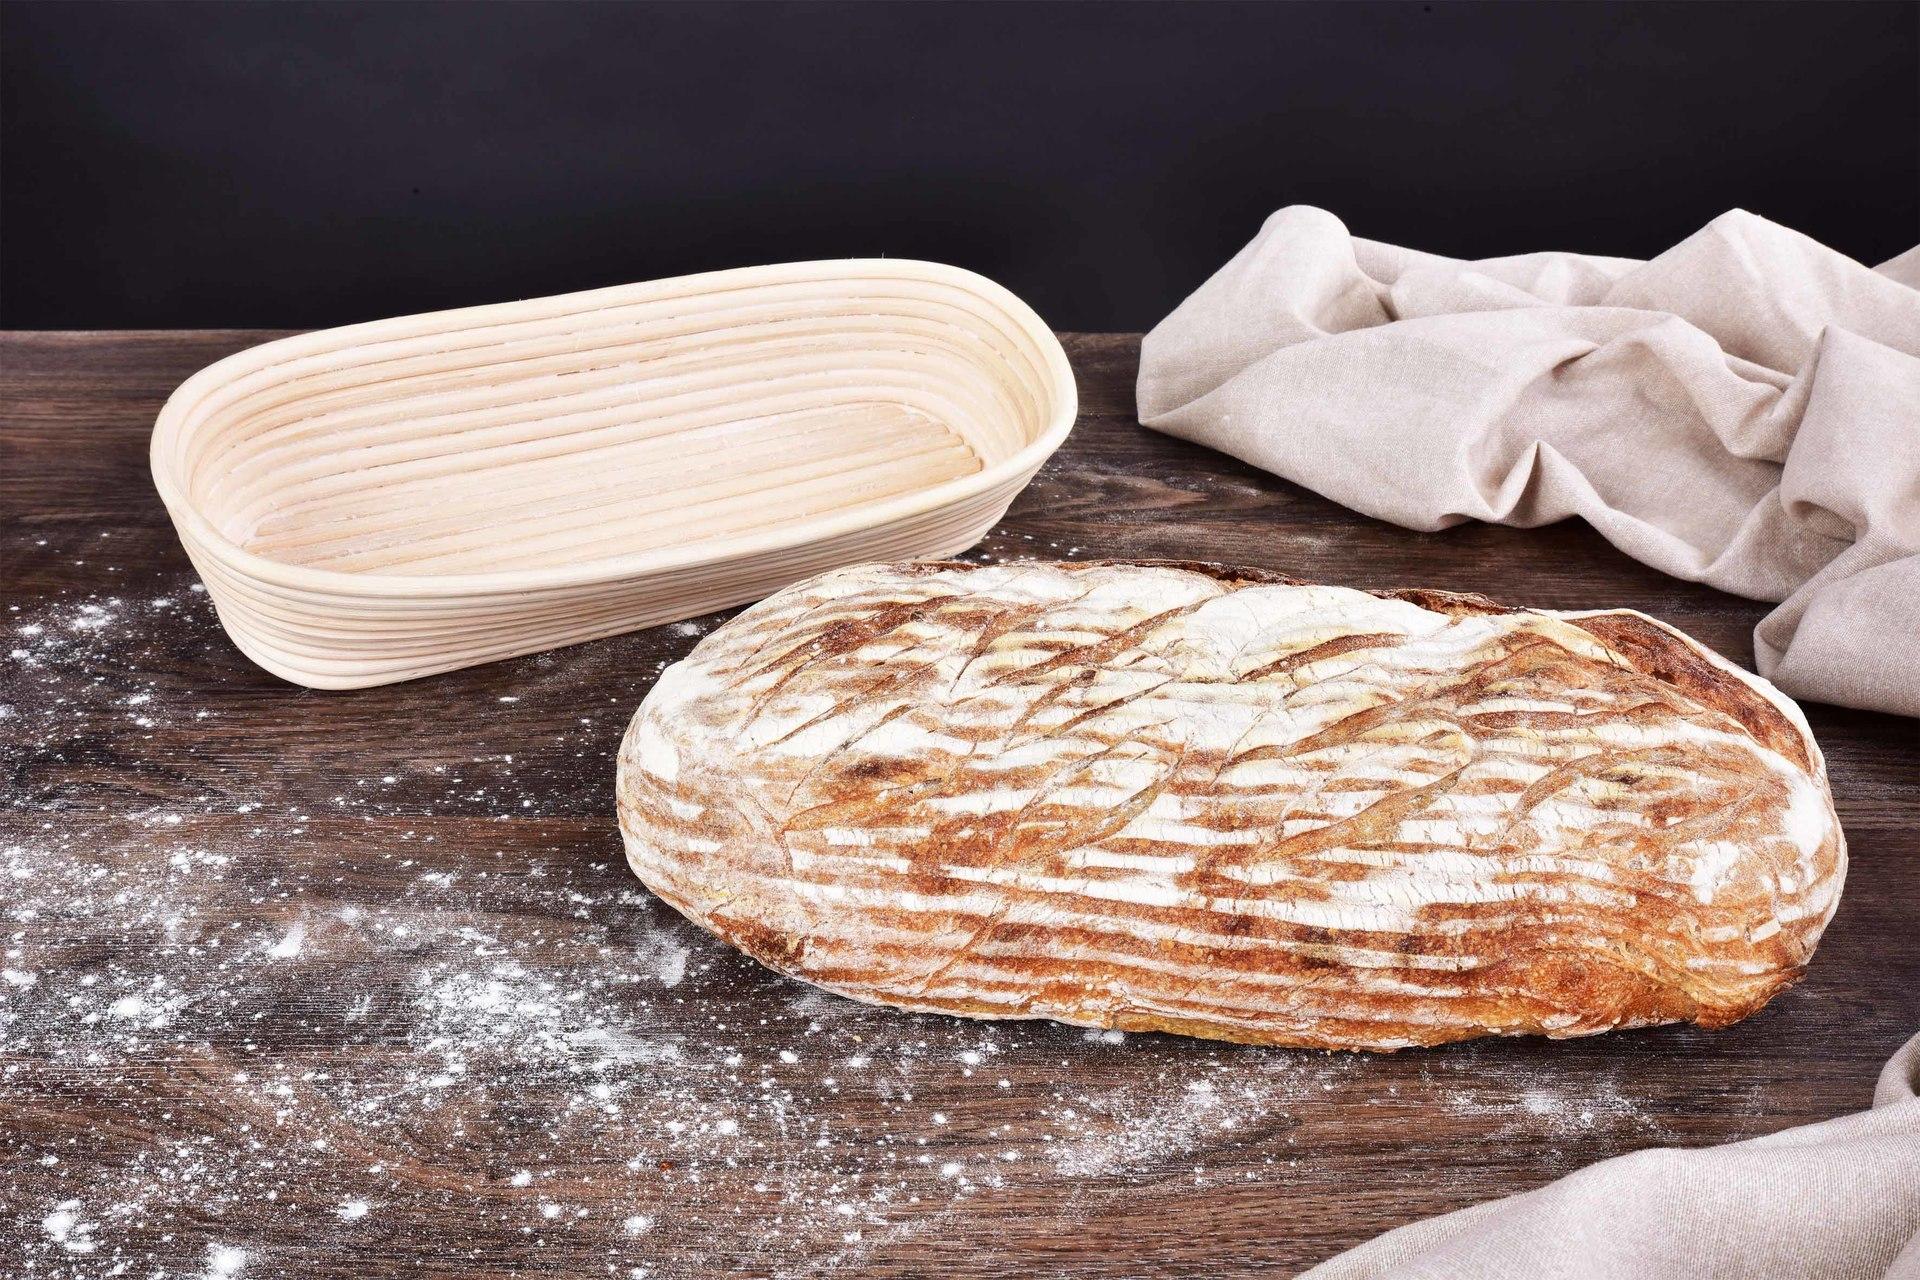 DA29352-35 cm DREVENÁ ošatka na chlieb, SEDLÁK, s látkovým poťahom